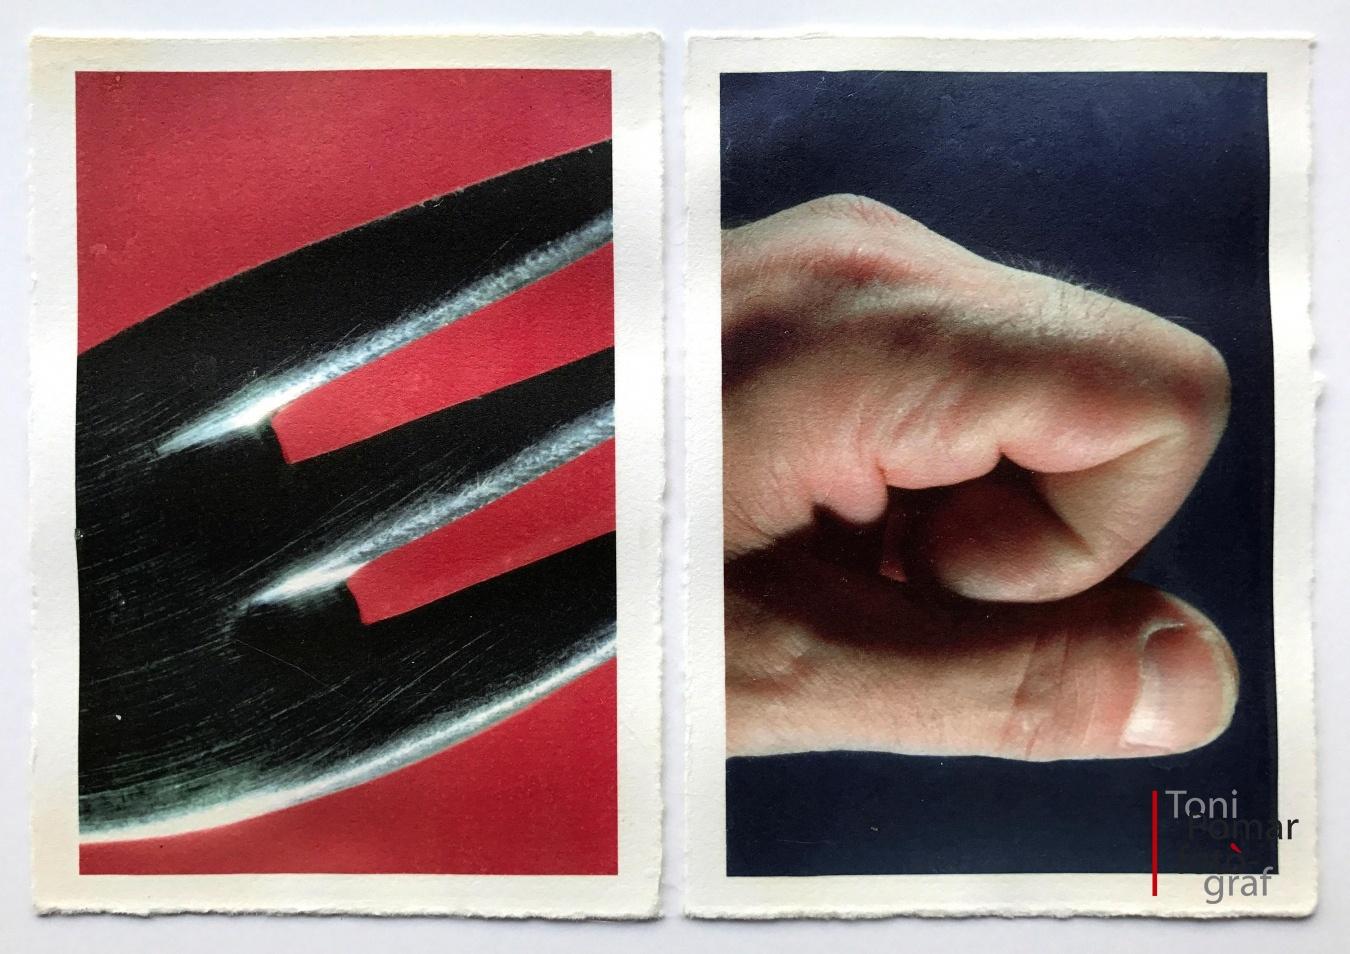 E - Fragmet de forquilla | e - La meva mà - Alfabet - Toni Pomar. Alfabet